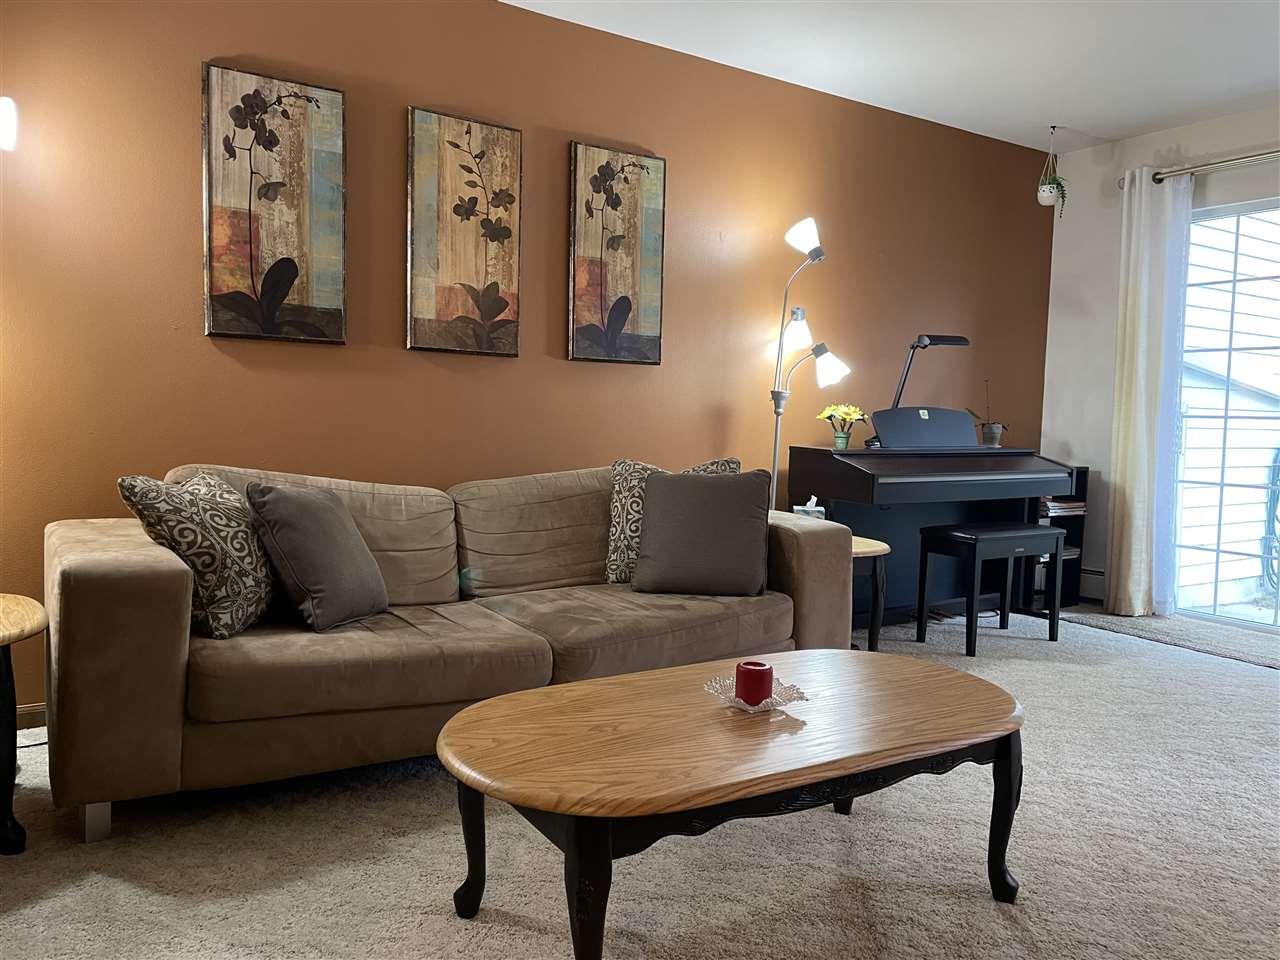 2142 Allen Blvd, Middleton, Wisconsin 53562, 2 Bedrooms Bedrooms, ,1 BathroomBathrooms,Condominium,For Sale,2142 Allen Blvd,1905348